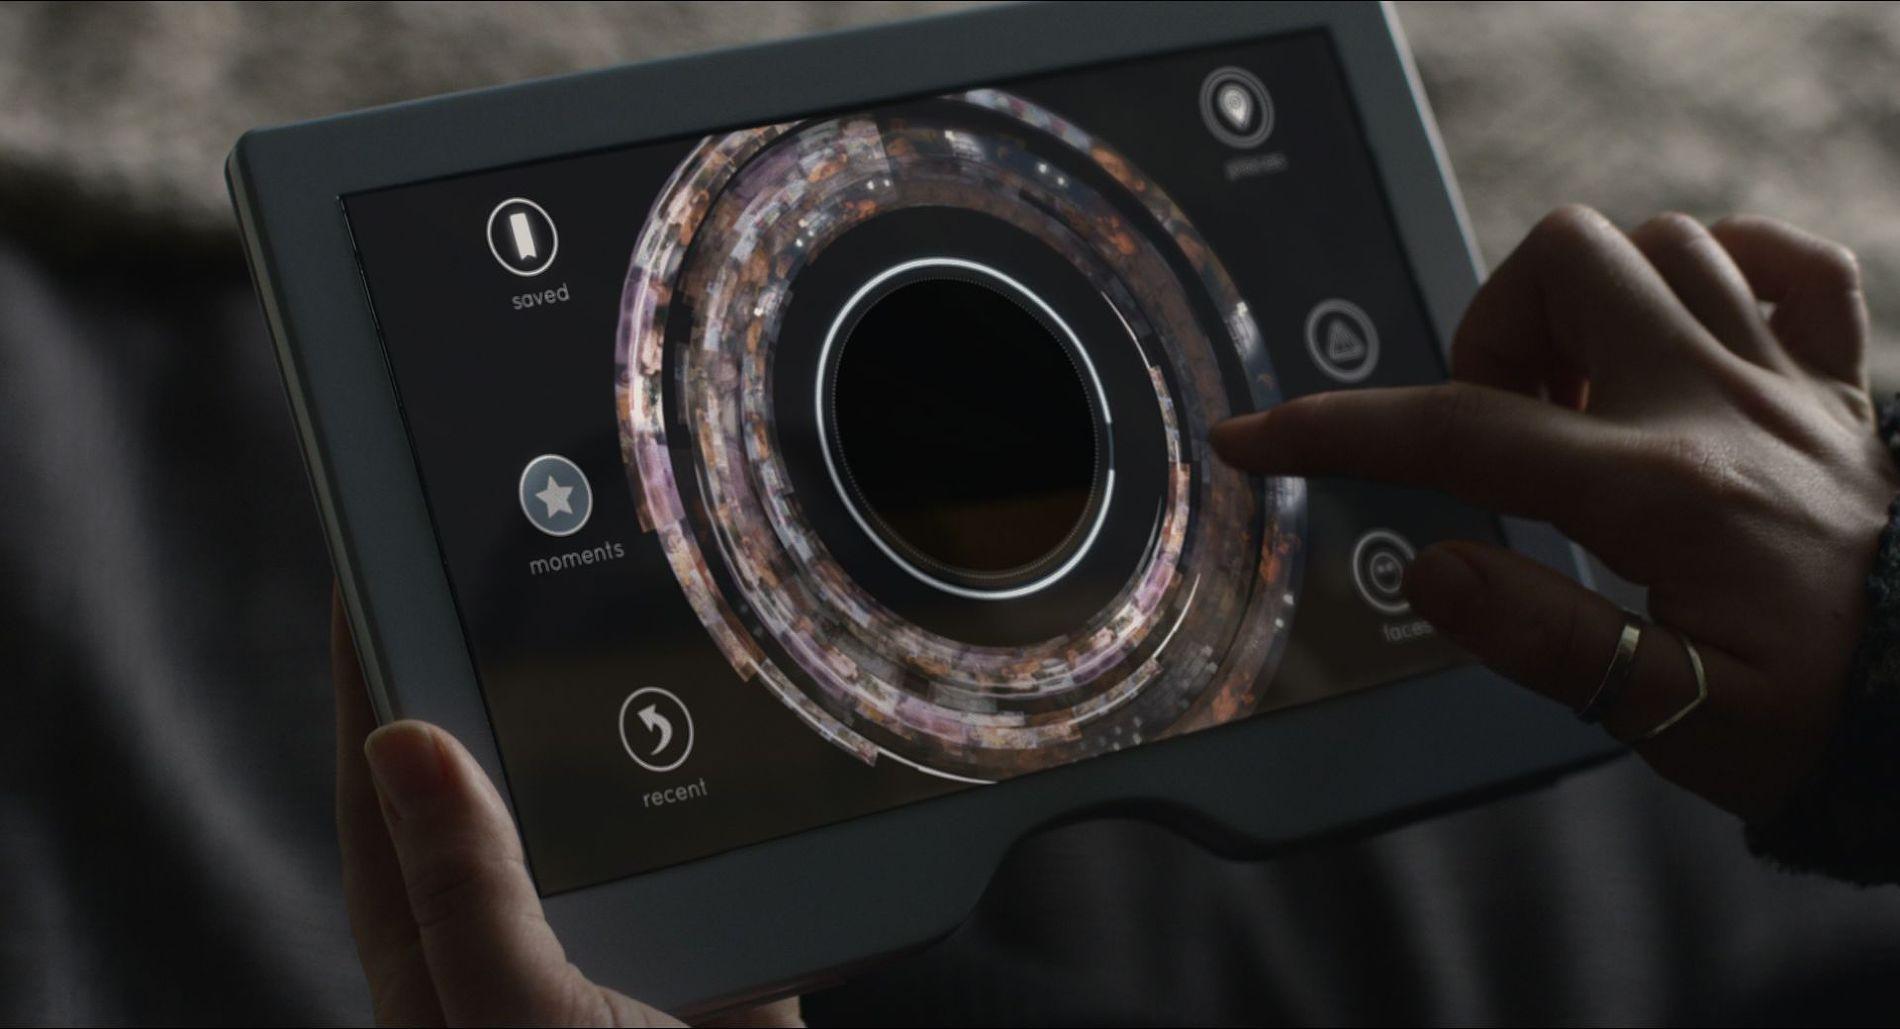 Устройство для слежения за ребенком через имплант ©Кадр из сериала «Черное зеркало». Эпизод «Аркангел»